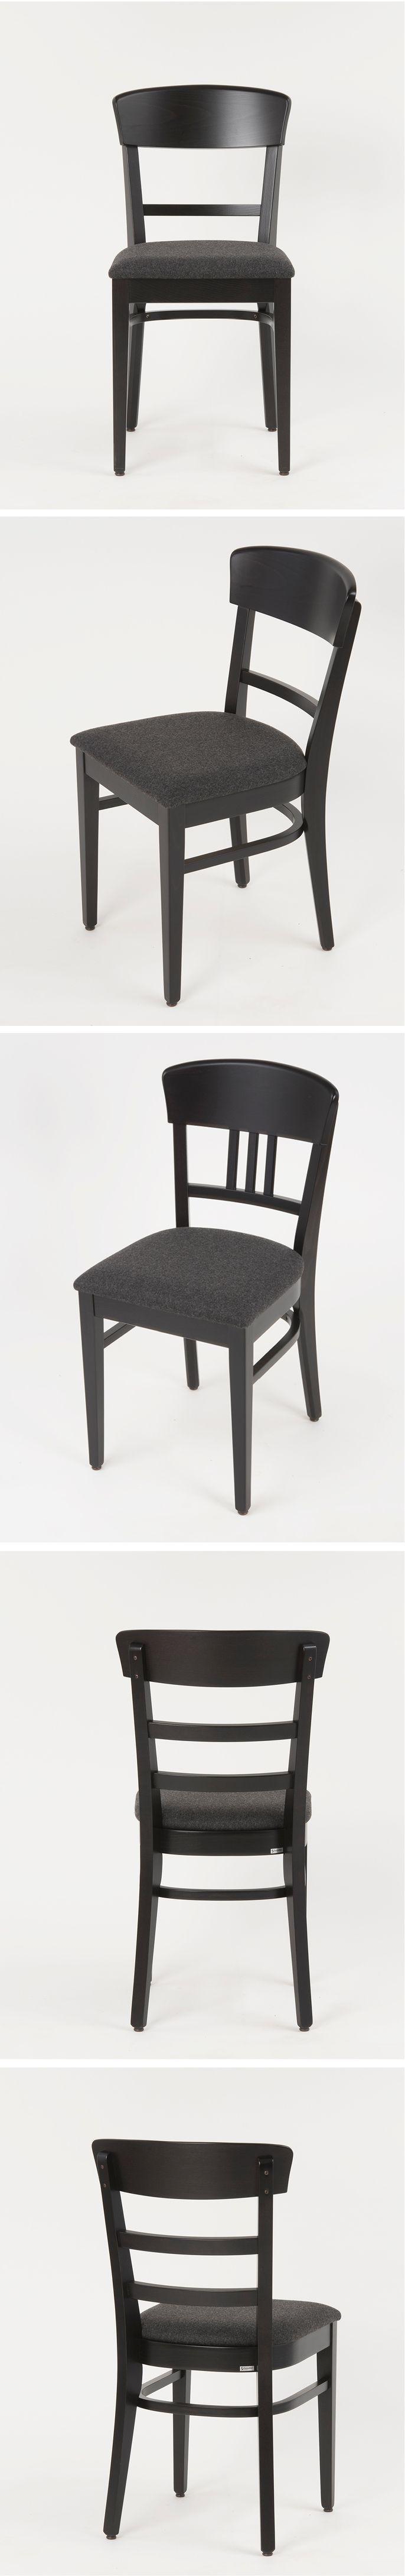 die besten 25 sessel klassiker ideen auf pinterest sessel designklassiker stuhl klassiker. Black Bedroom Furniture Sets. Home Design Ideas